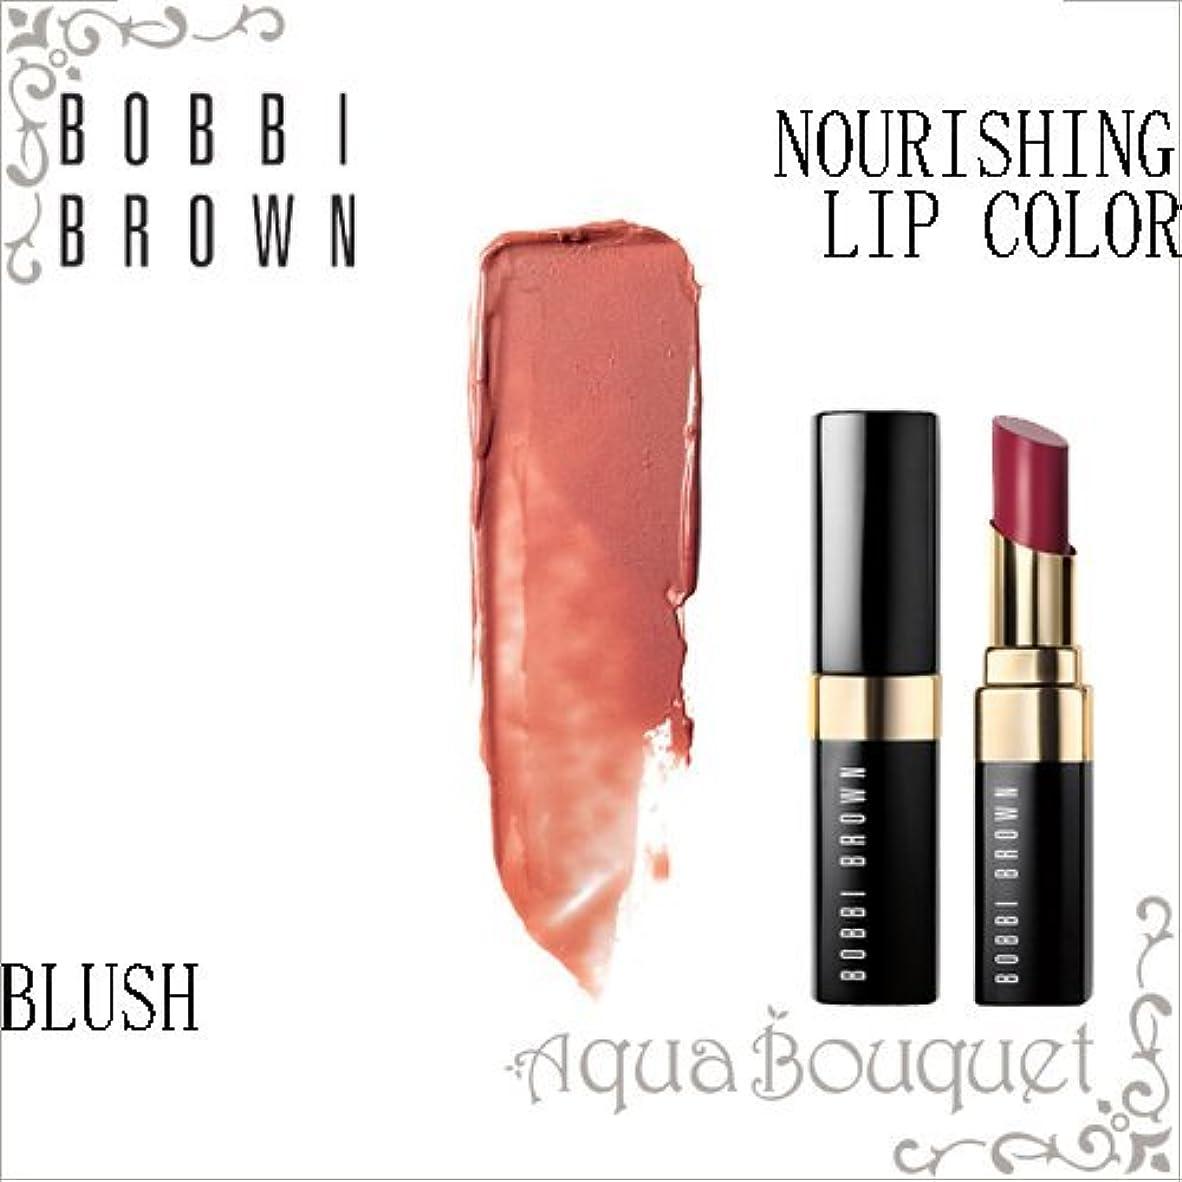 模索脱臼するパプアニューギニアボビイ ブラウン オイル インフューズド リップ カラー 2.3g 04 ブラッシュ (BLUSH) BOBBI BROWN NOURISHING LIP COLOR [並行輸入品]